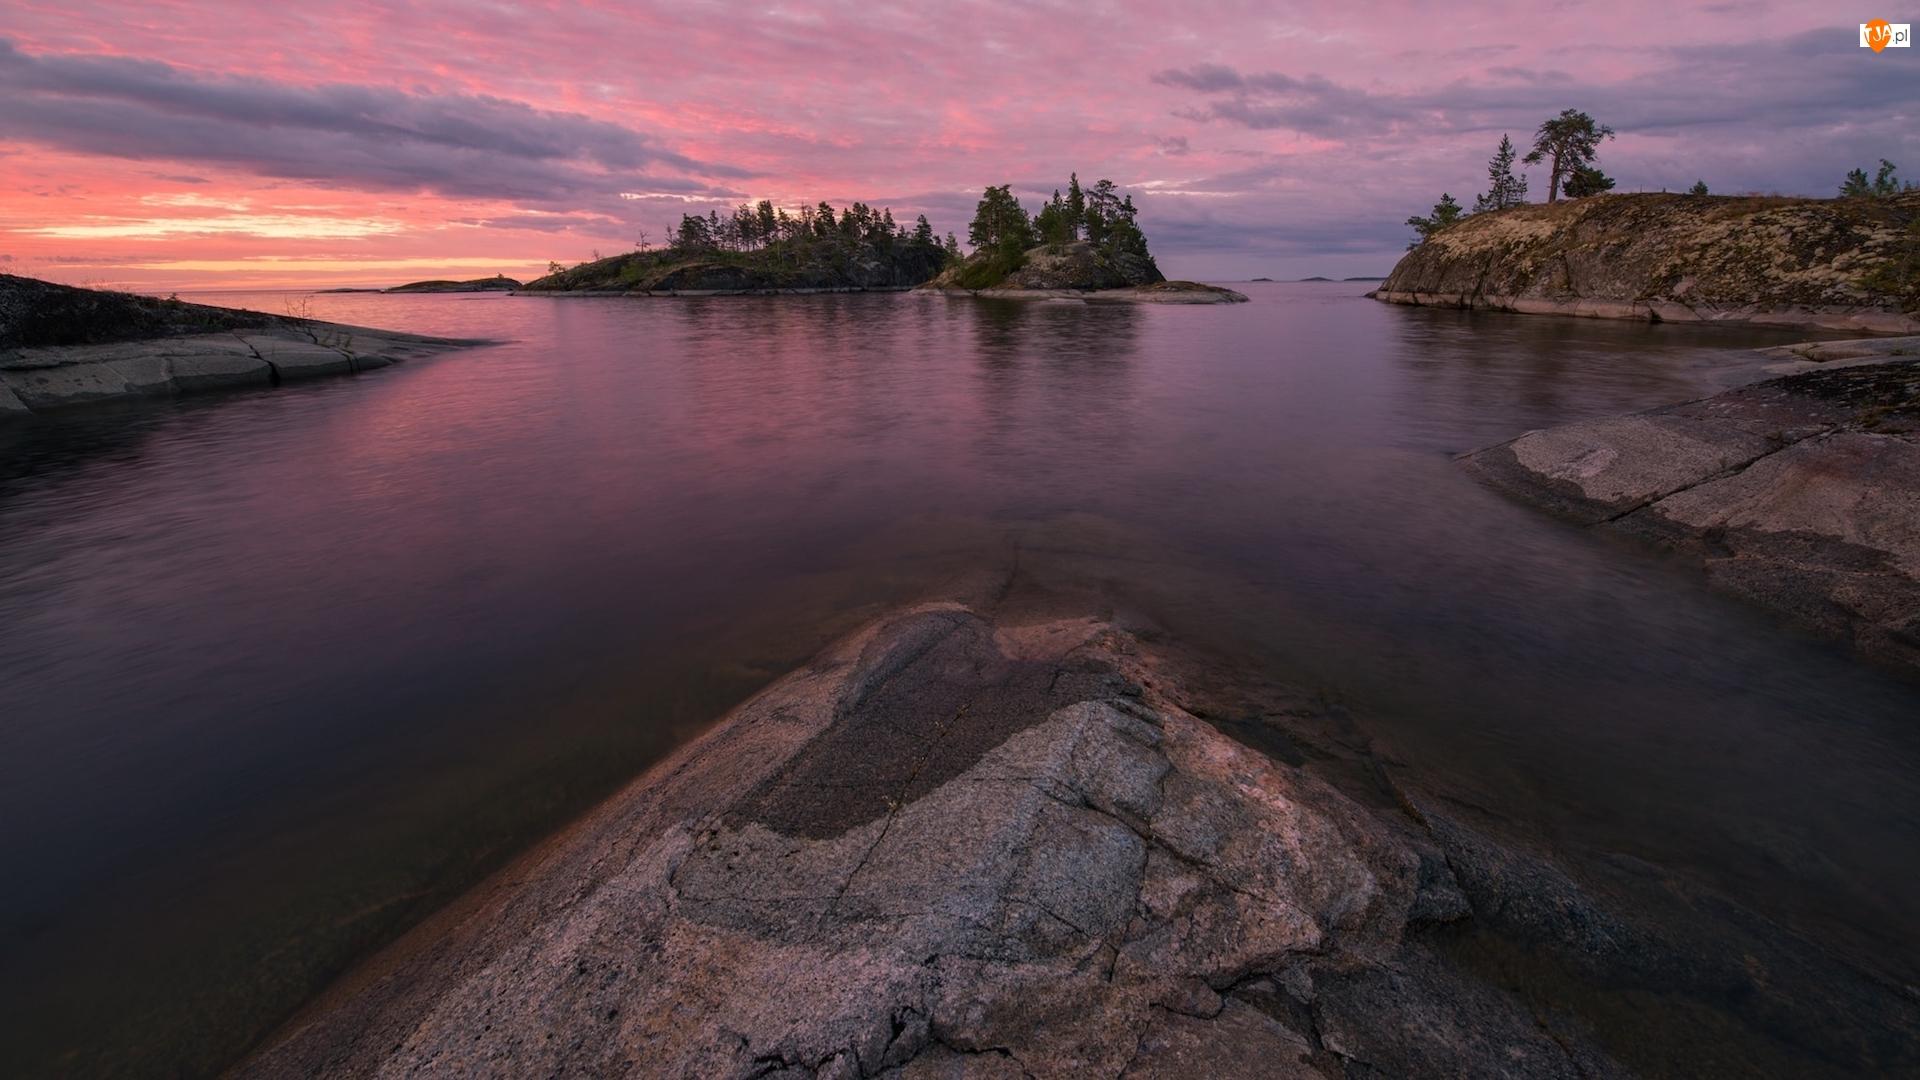 Wschód słońca, Jezioro Ładoga, Chmury, Karelia, Skały, Wysepki, Rosja, Drzewa